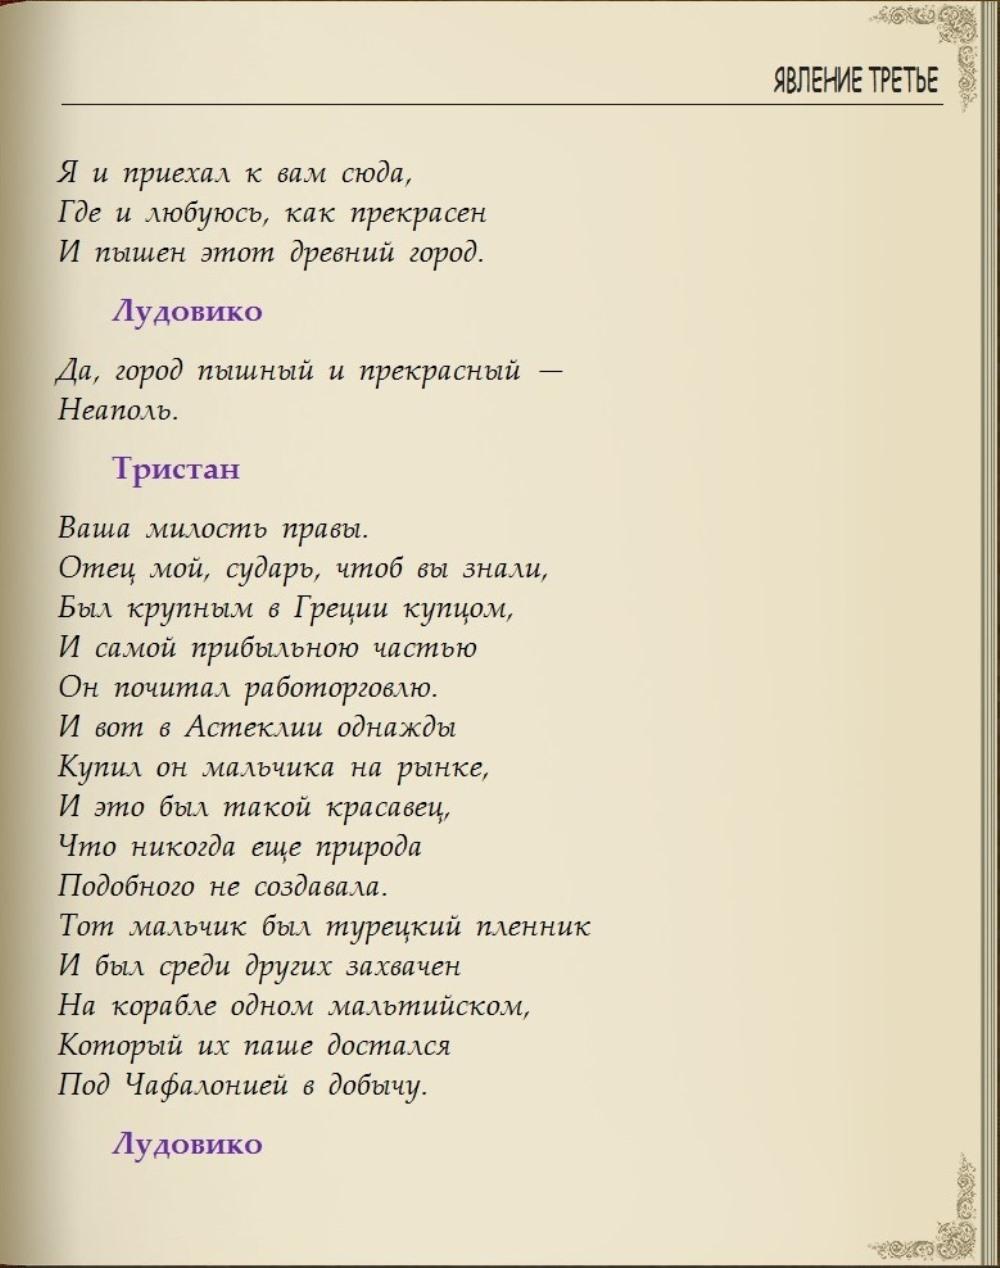 http://i5.imageban.ru/out/2013/11/07/fb4eaa4c2fa7e5ea2fc8bee4ddc38711.jpg